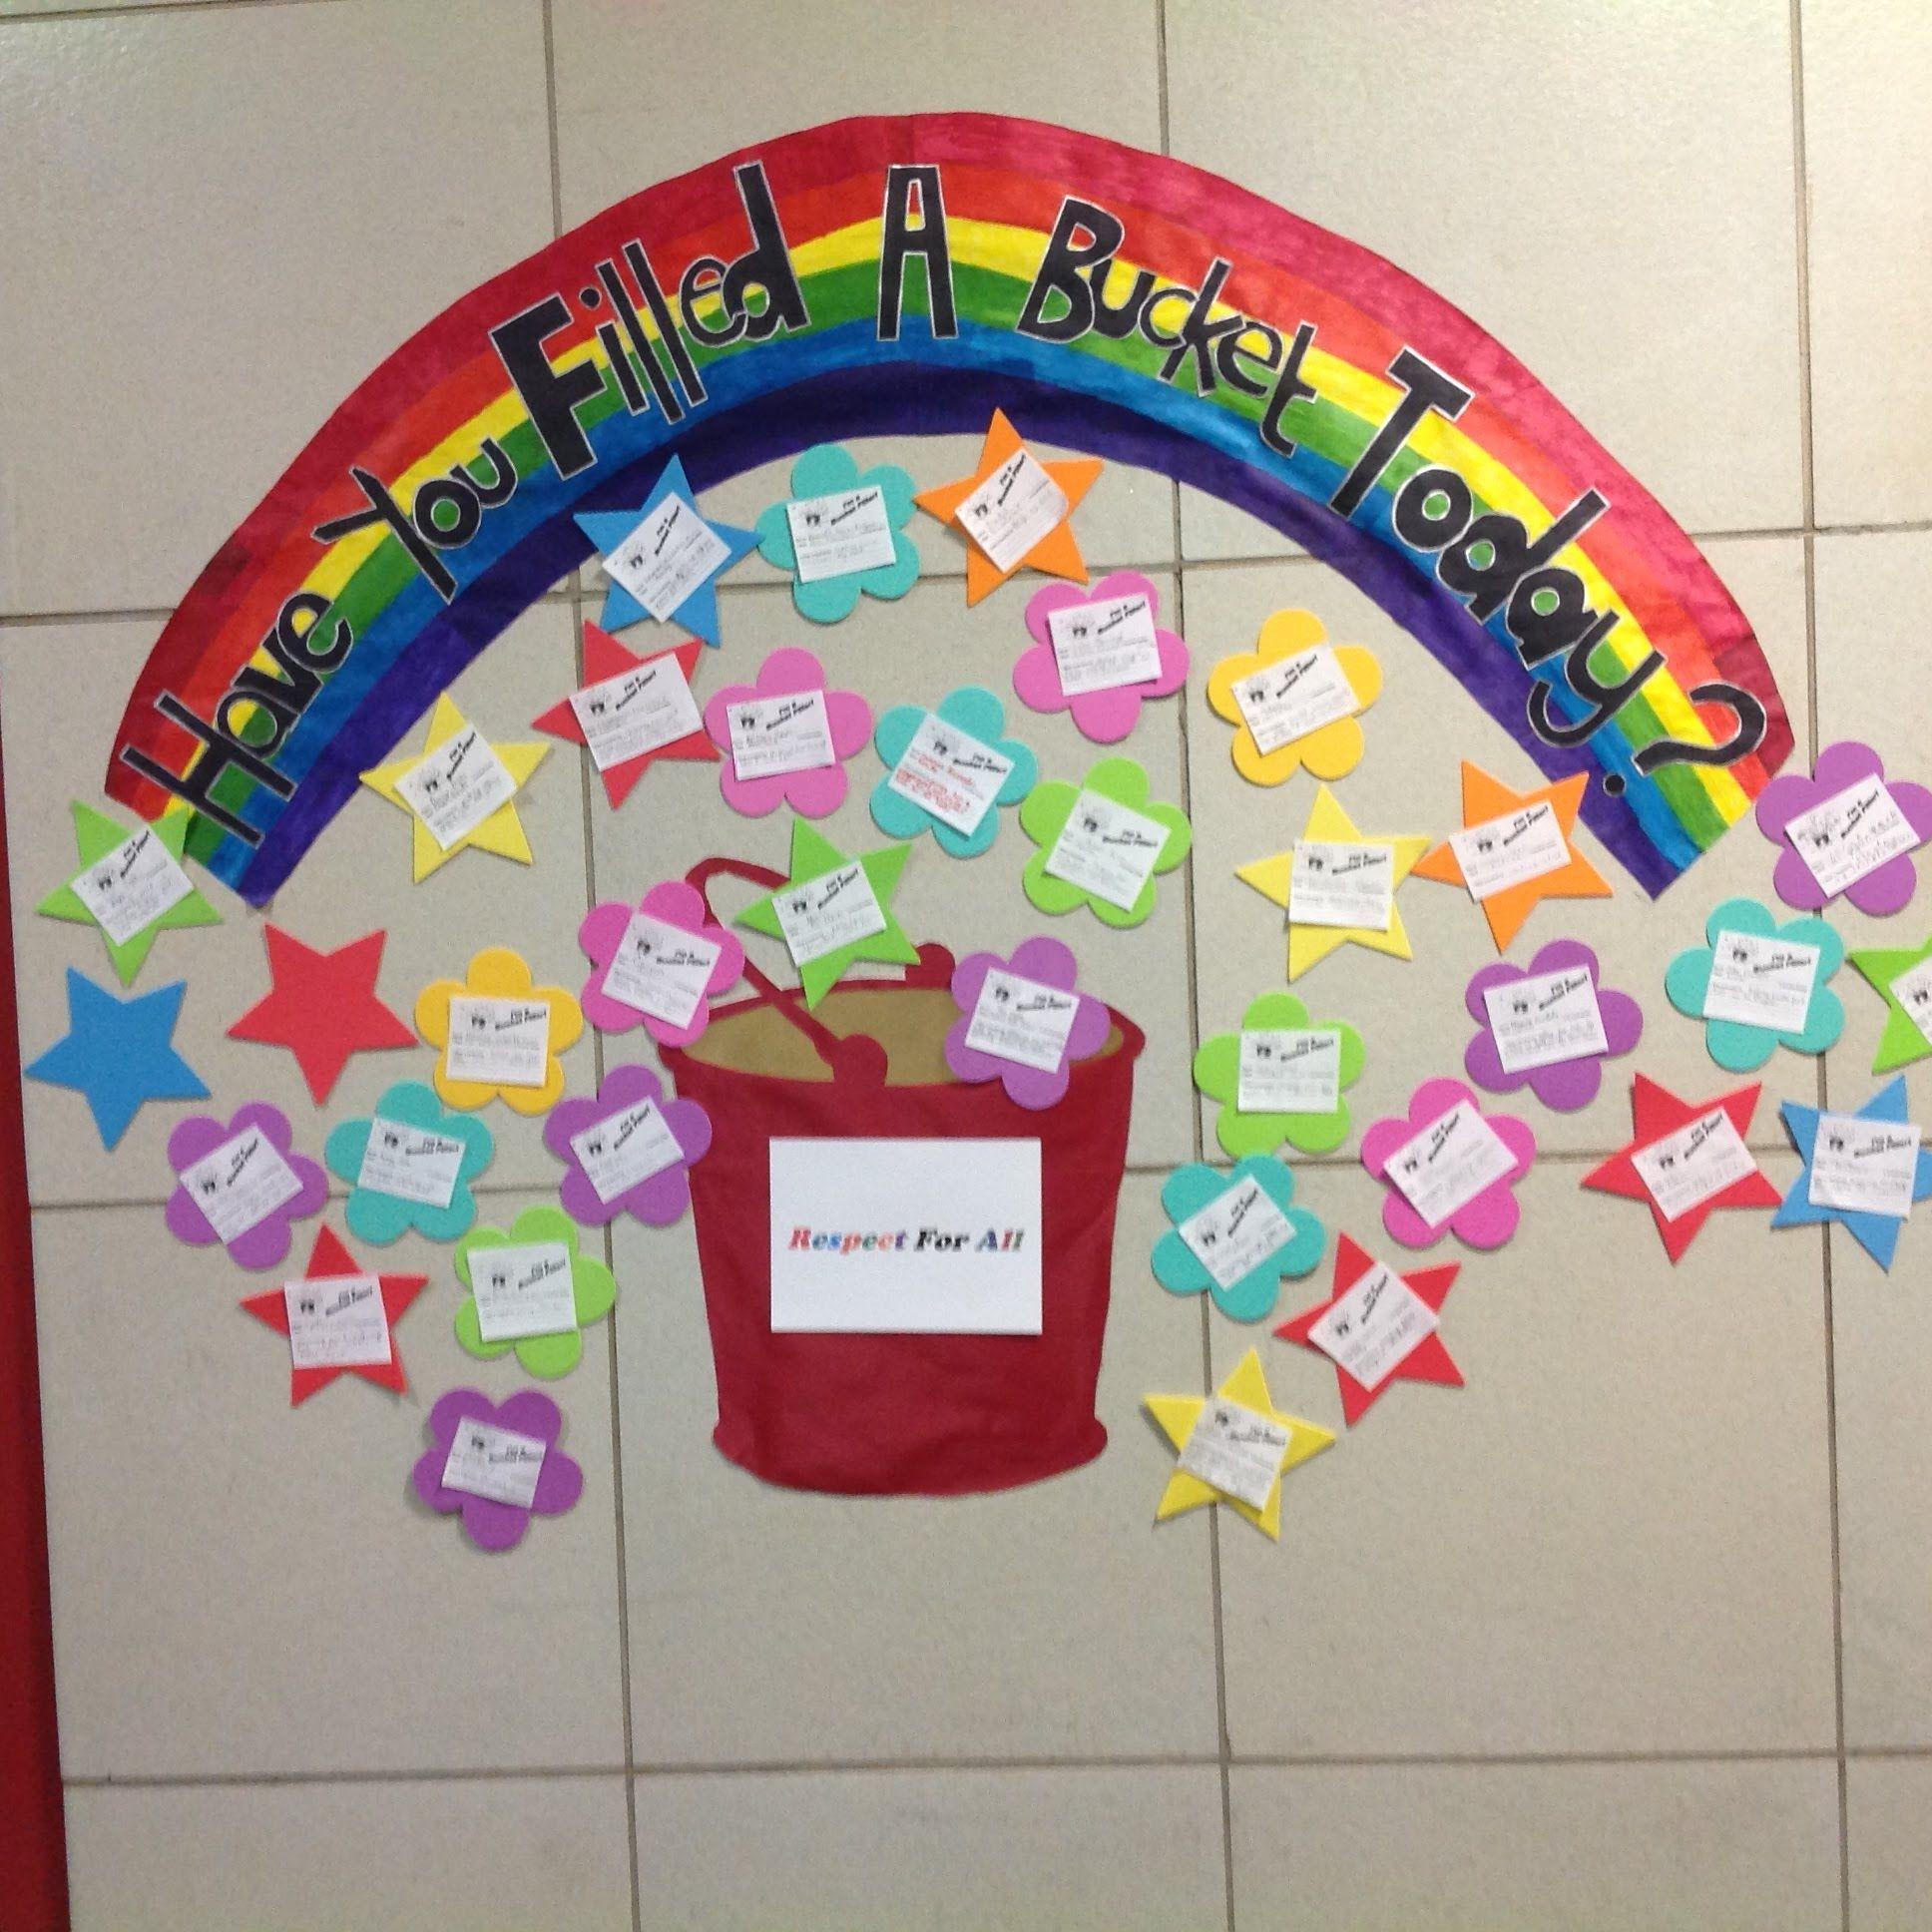 Pin By Asma On Board Ideas Classroom Wall Decor